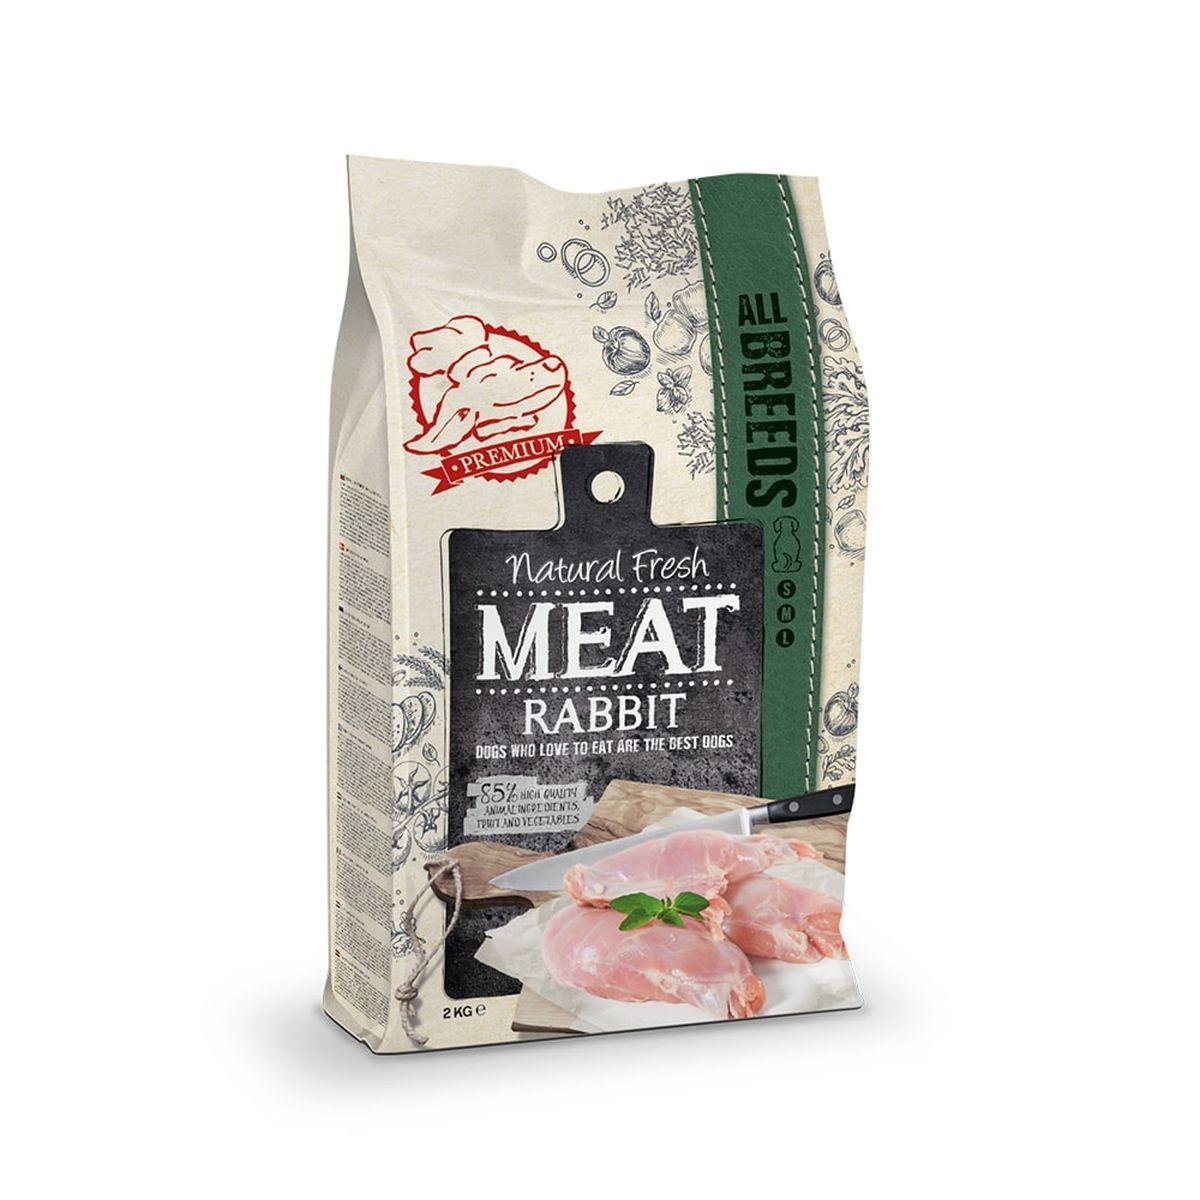 Natural fresh Meat Konijn